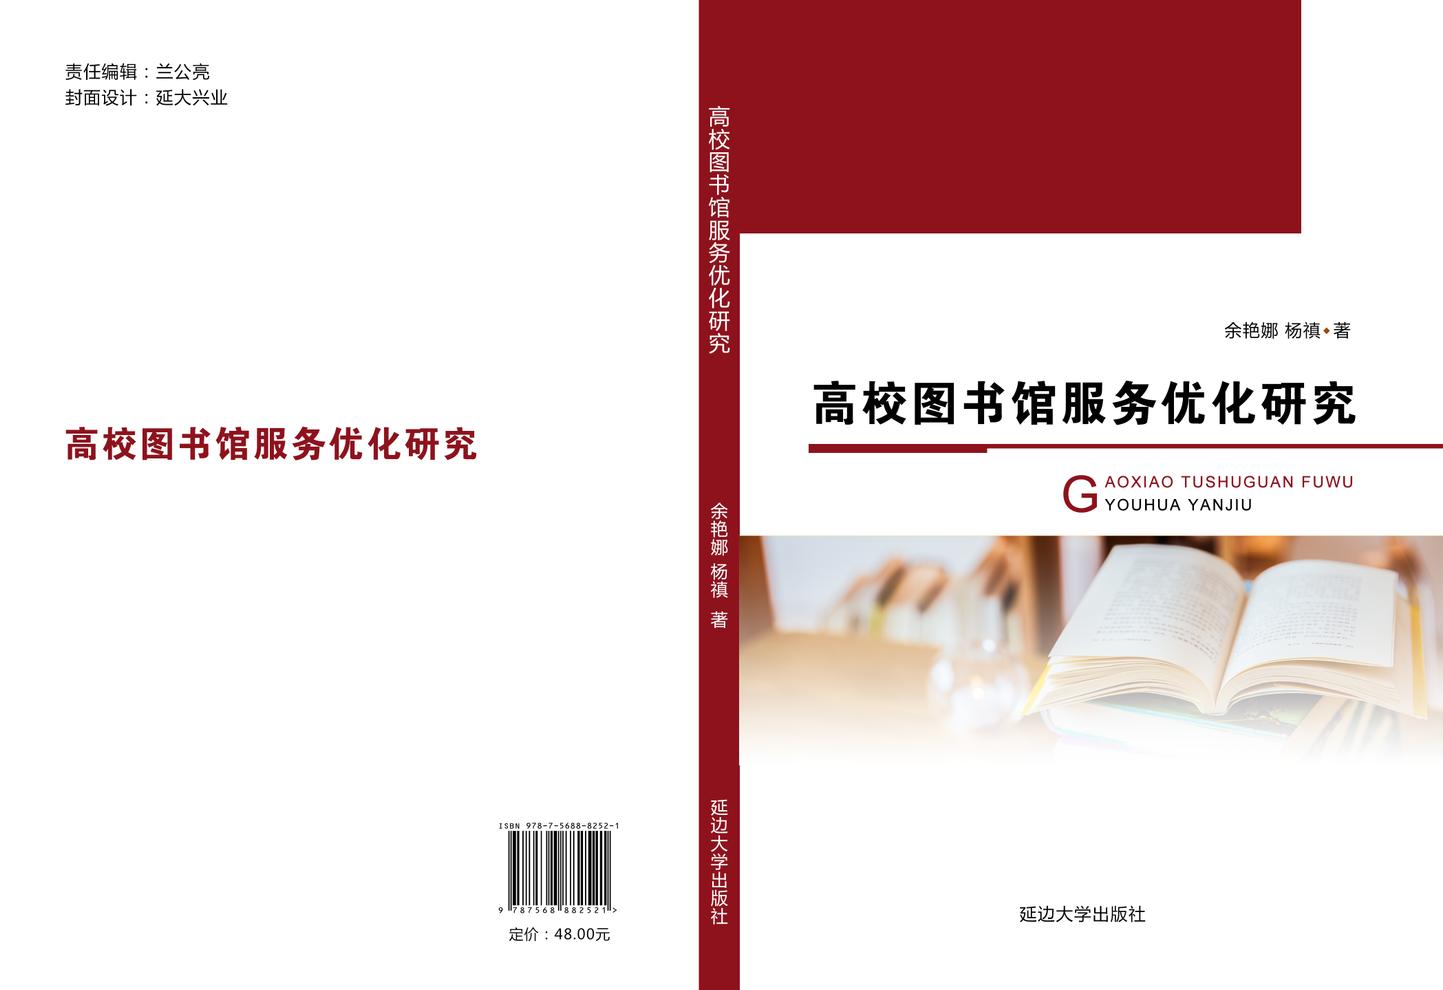 高校图书馆服务优化研究